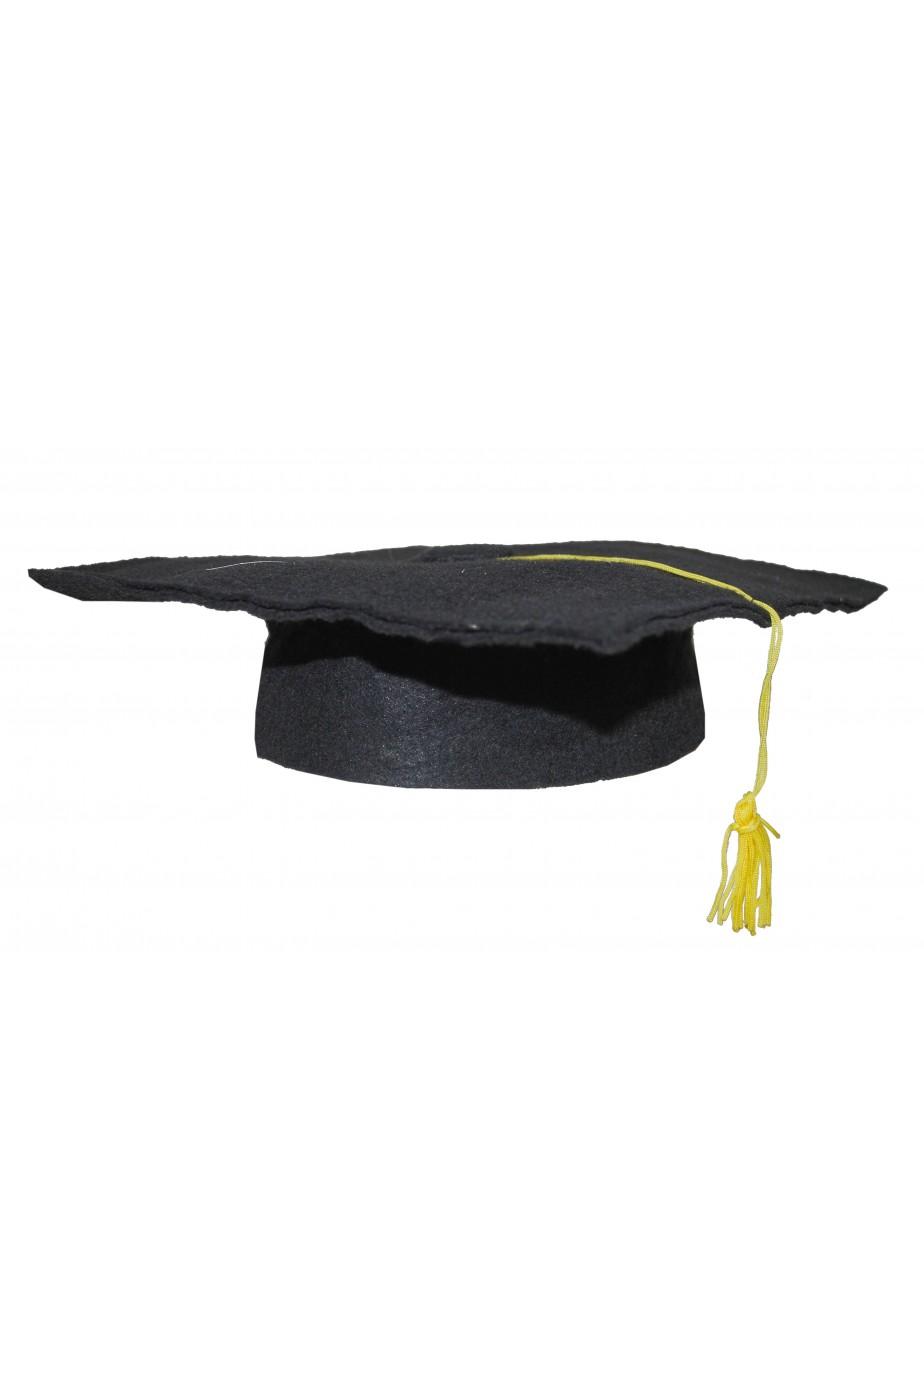 Cappello tocco laureato in stoffa morbida con alamaro 9c78ed9aee33